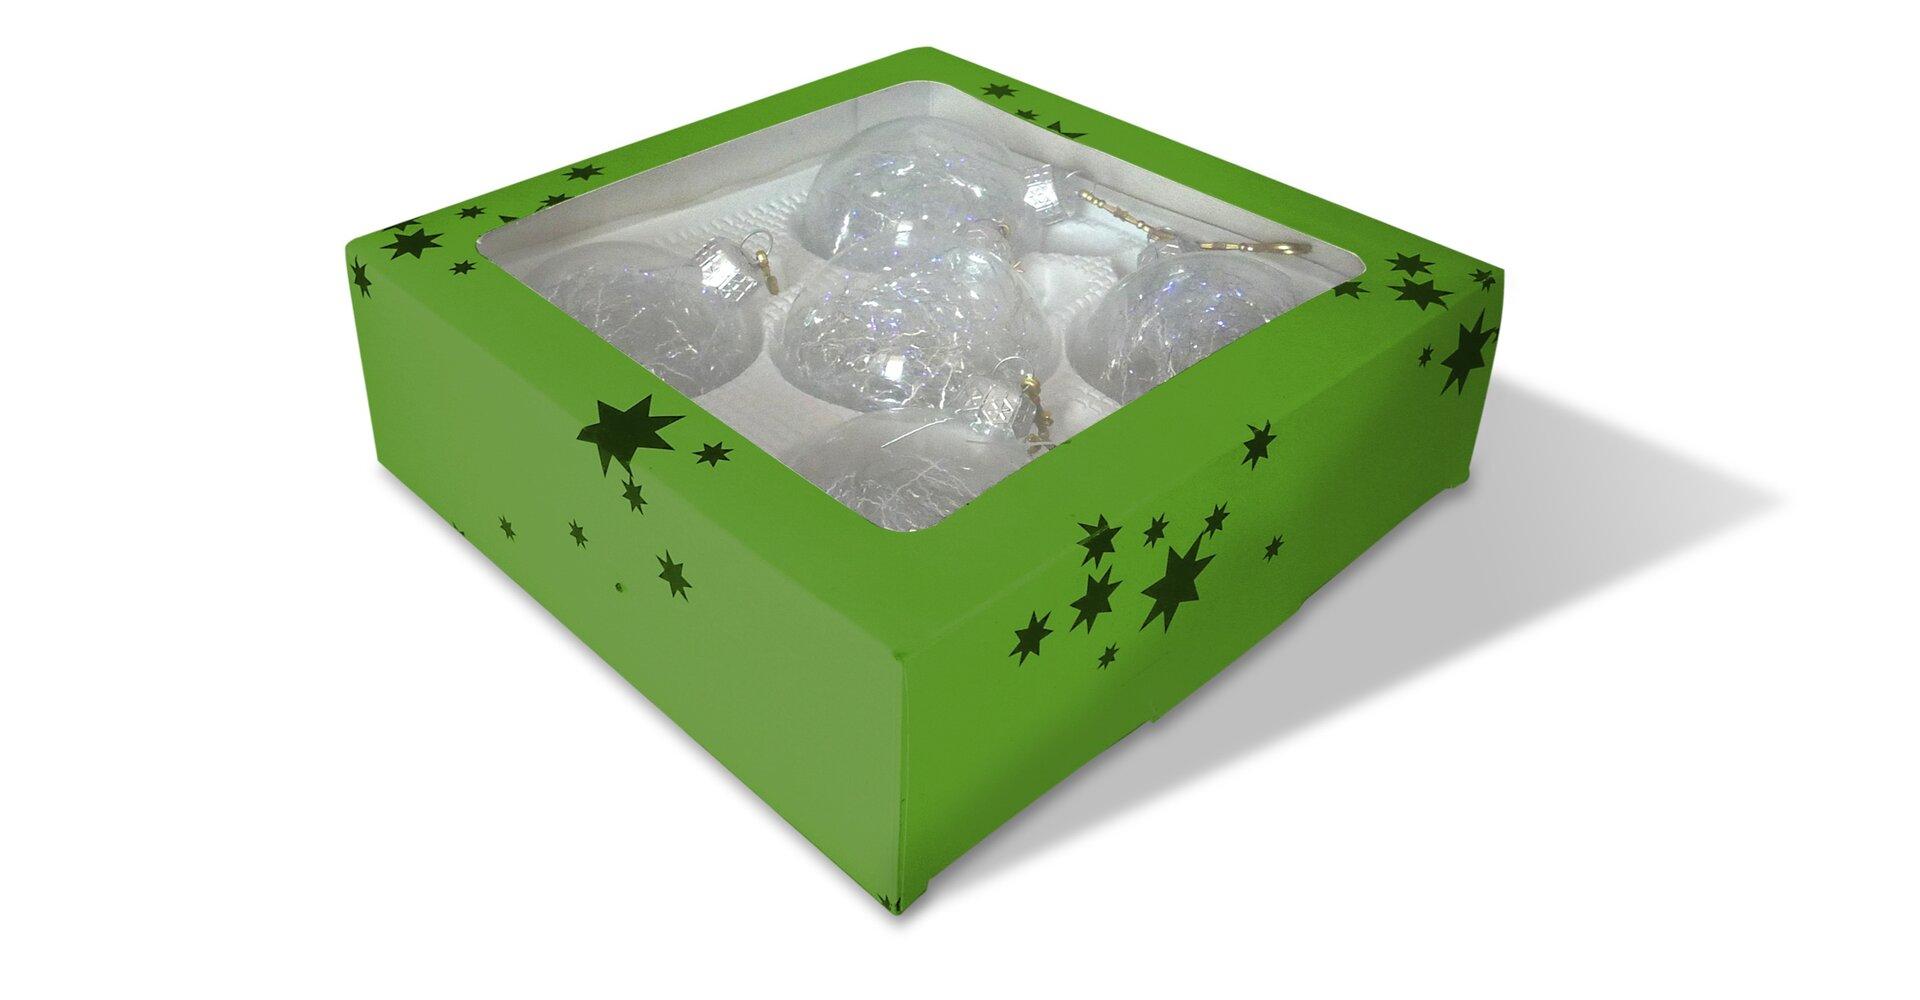 Rysunek pudełka zbombkami choinkowymi.